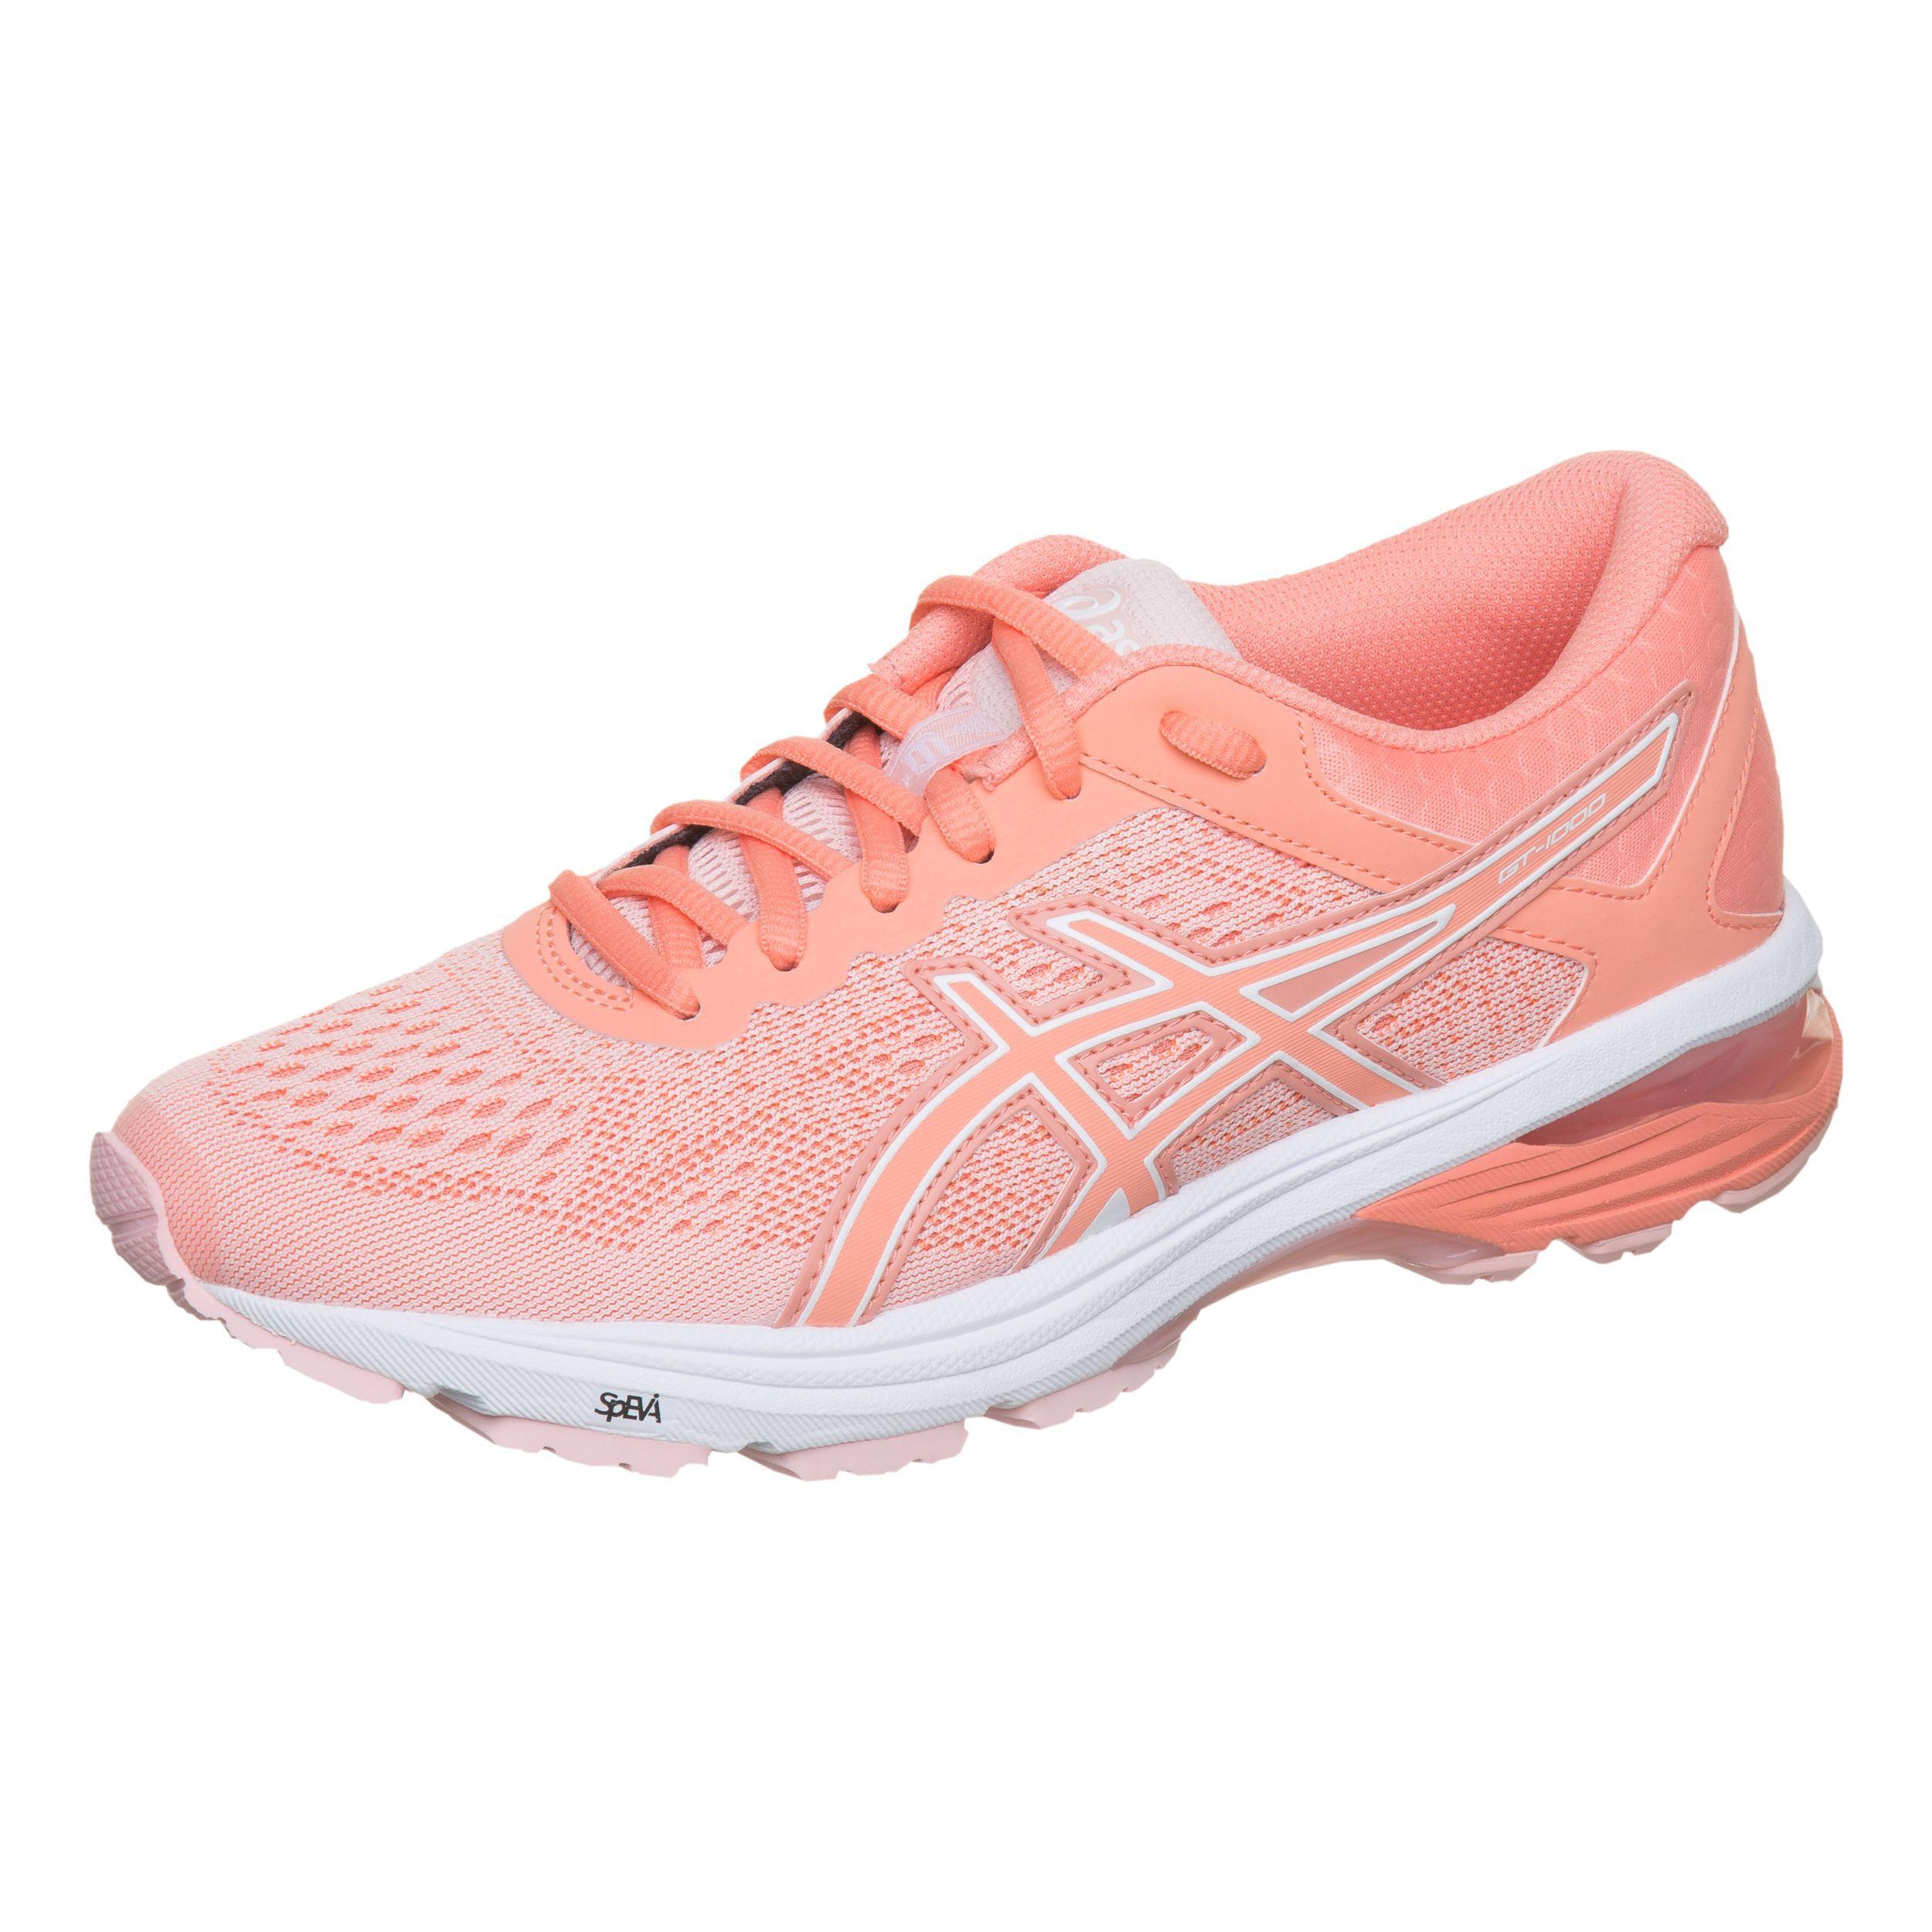 Laufschuhe | bis -50% reduziert | Jogging-Point